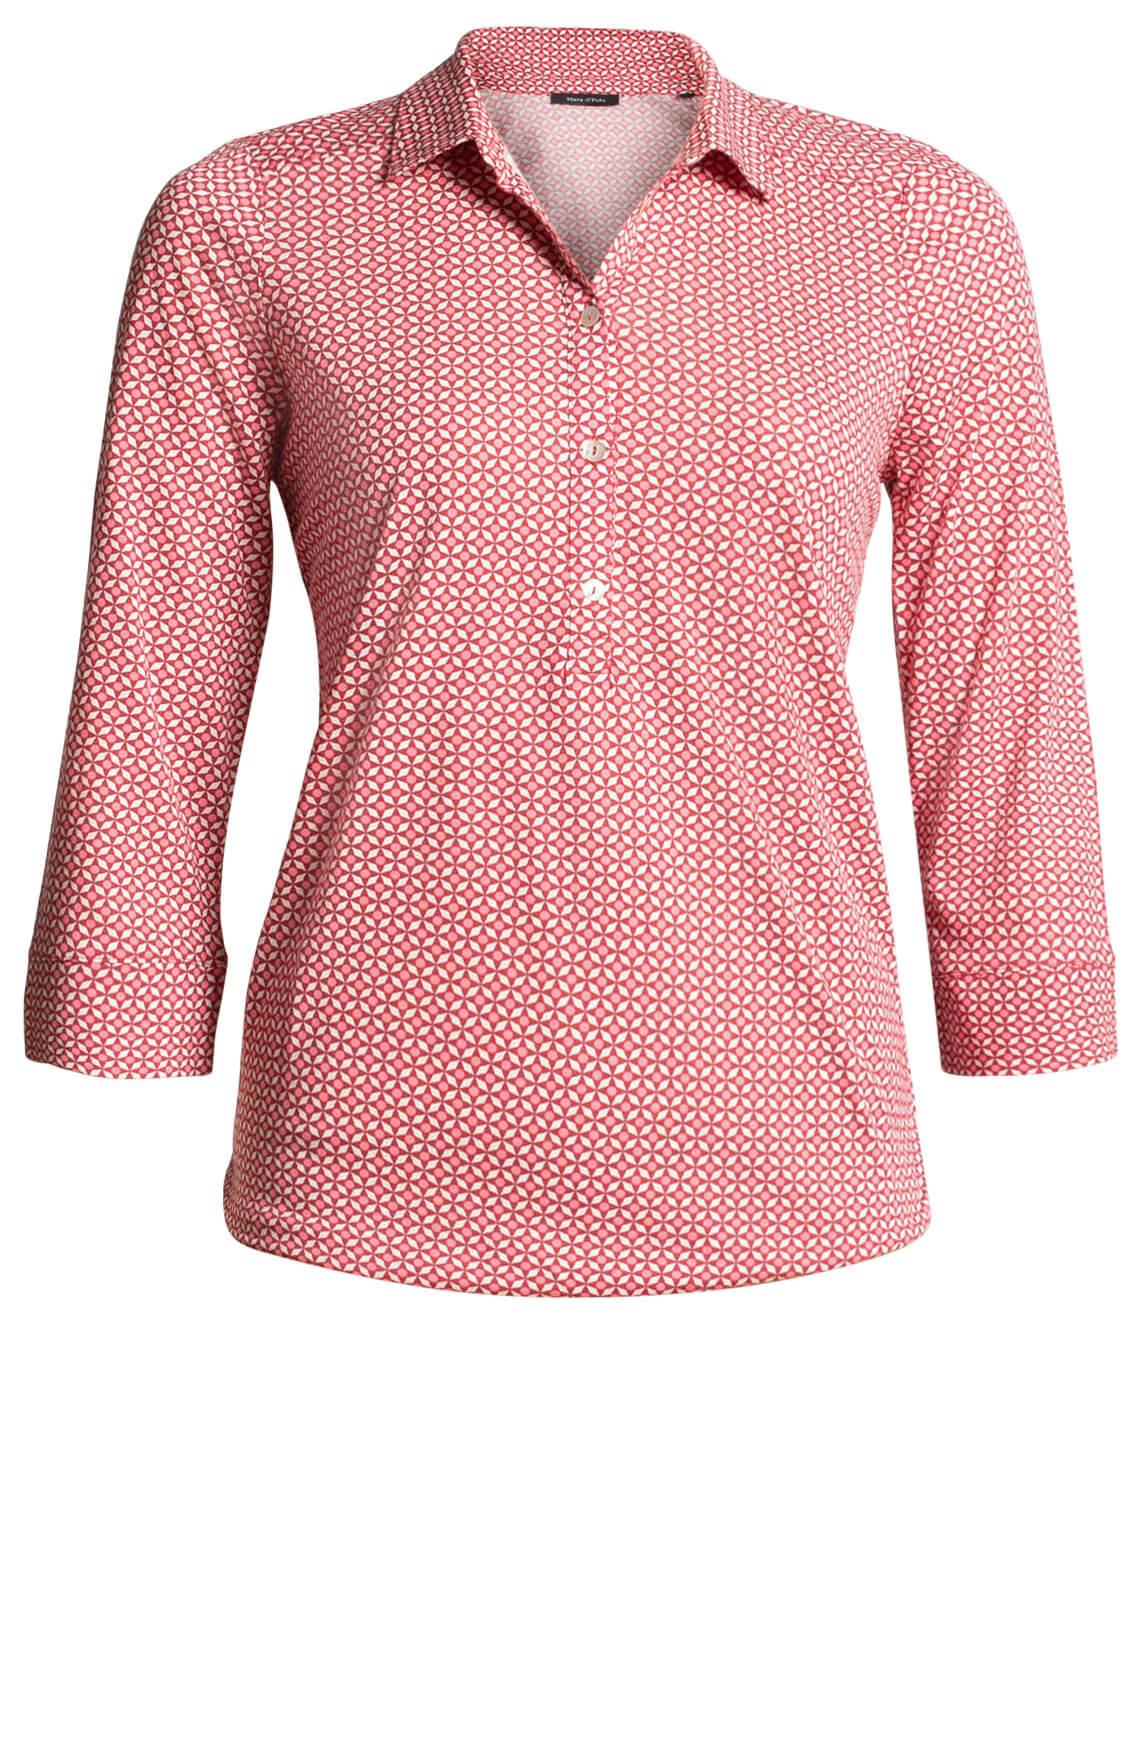 Marc O'Polo Dames Geprinte blouse Rood